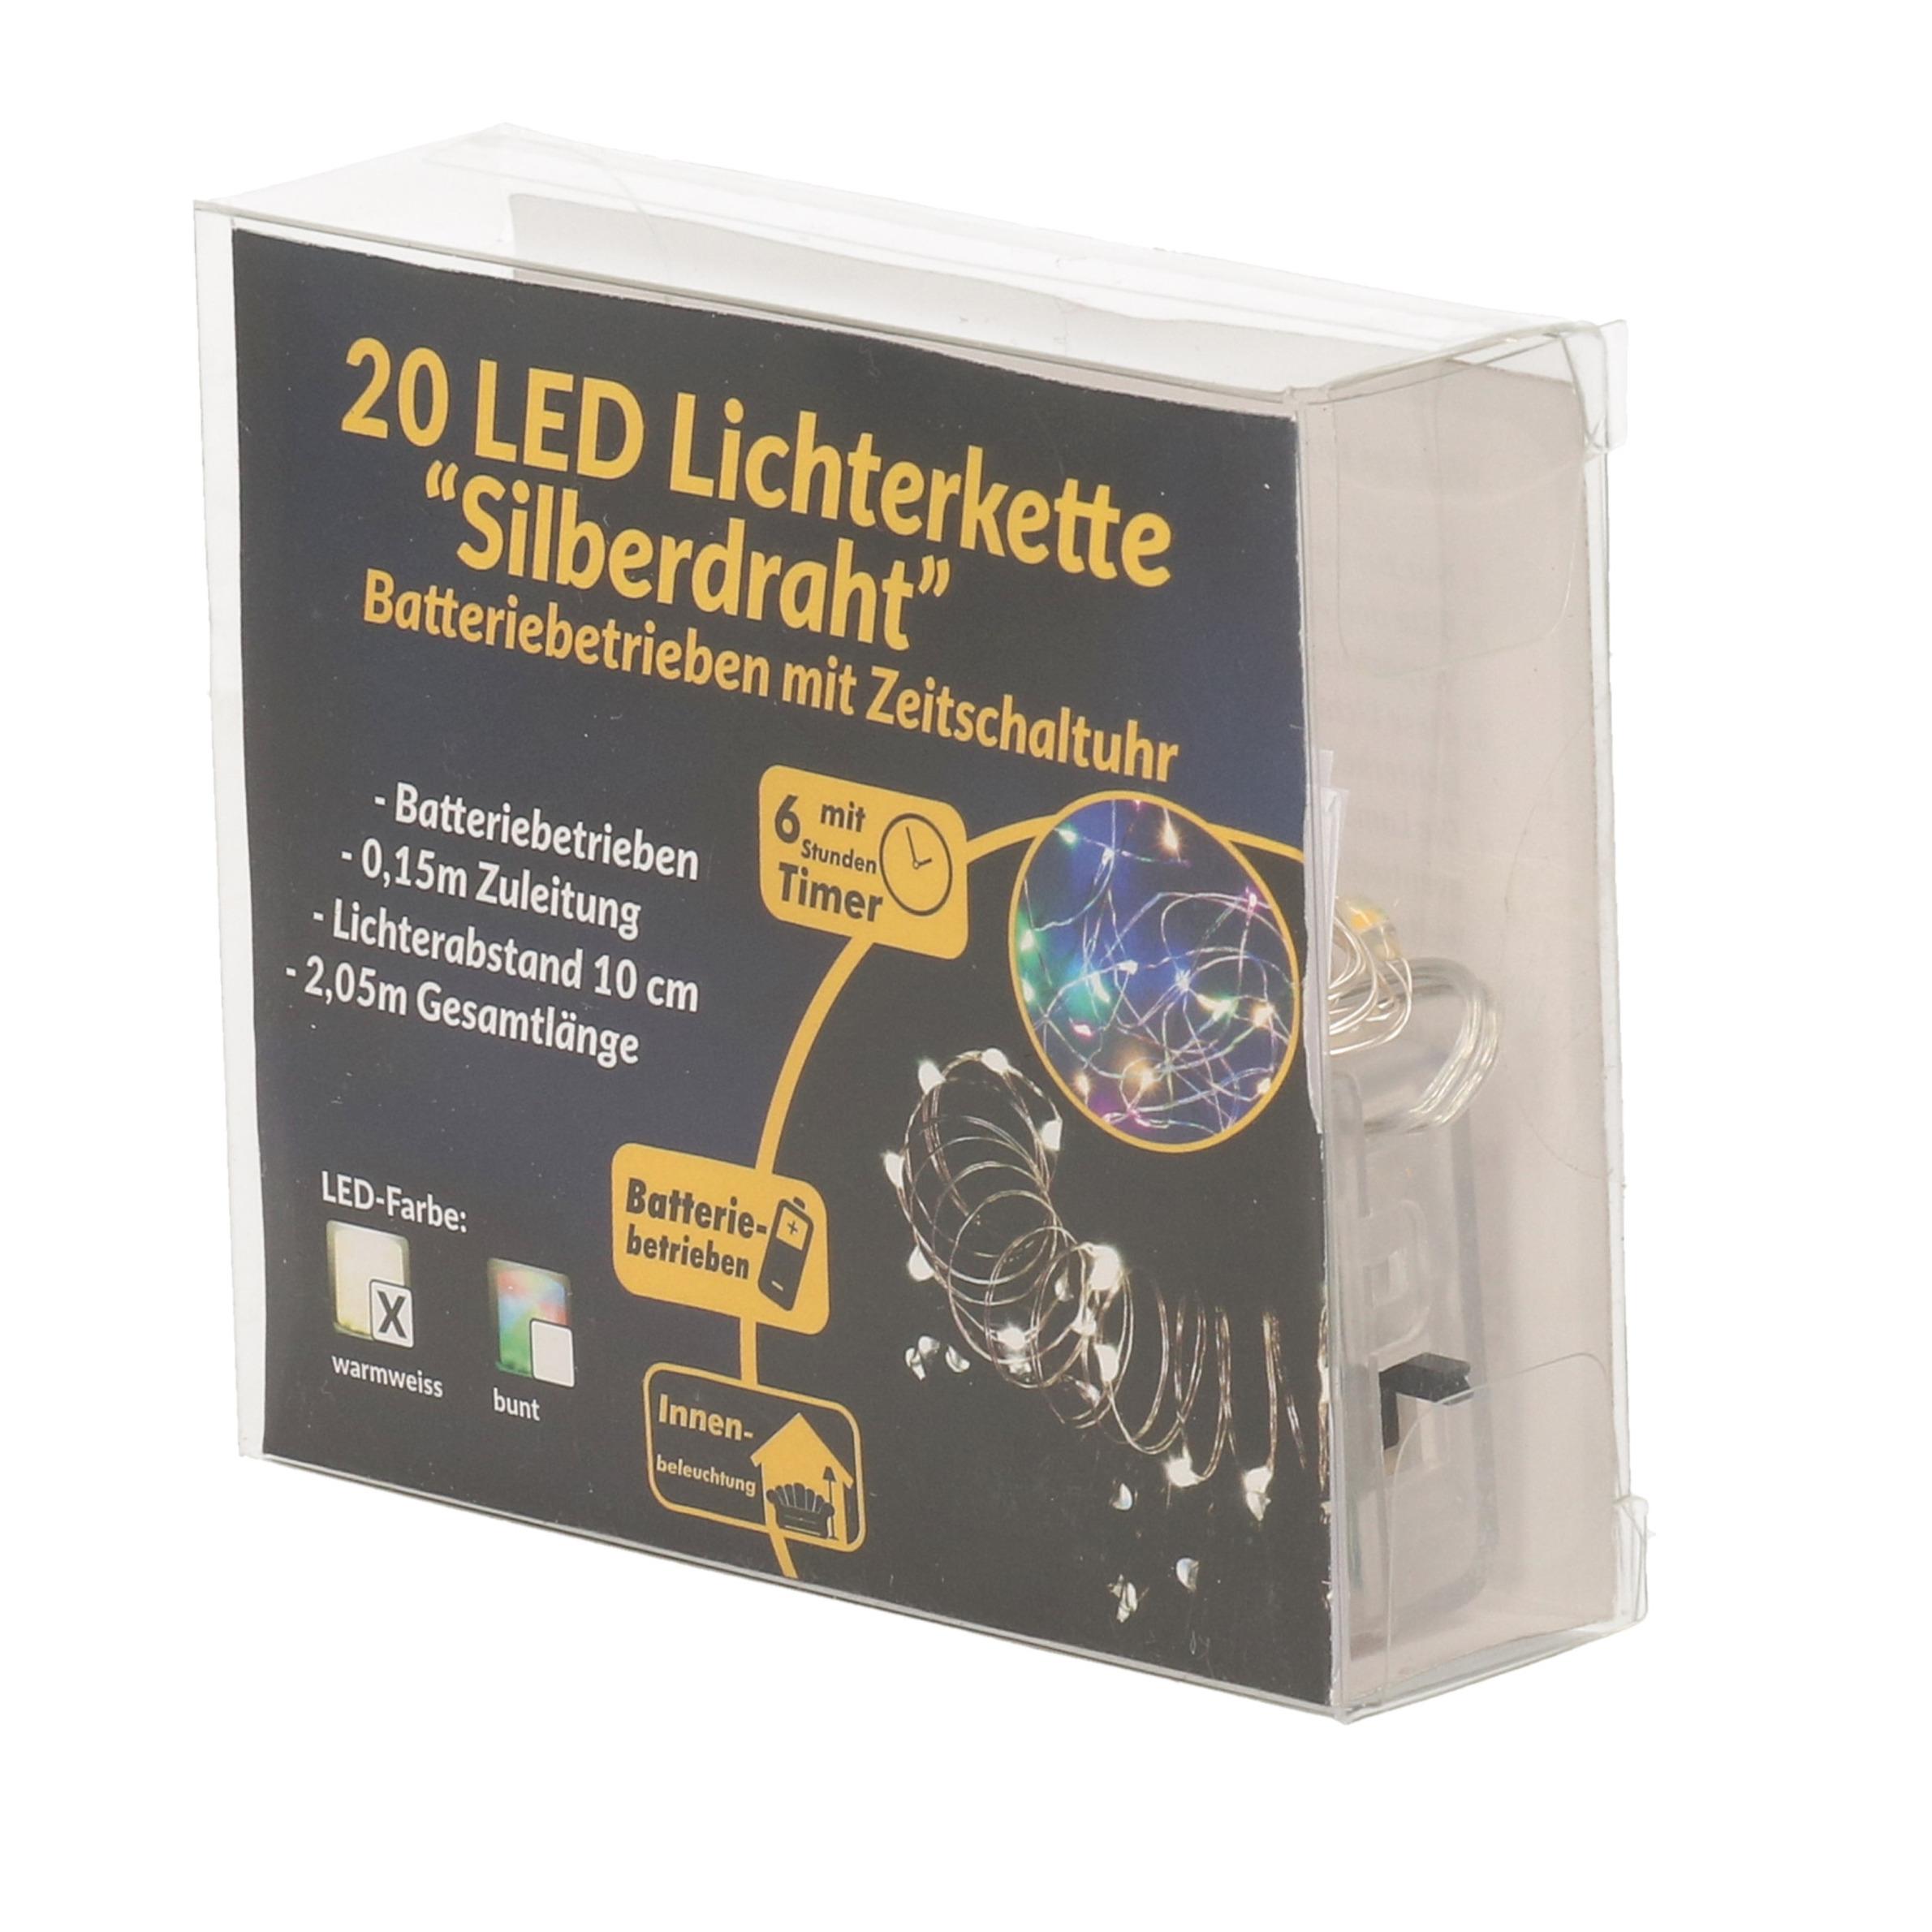 Draadverlichting zilver met gekleurde LED lampjes 2 meter op batterijen met timer